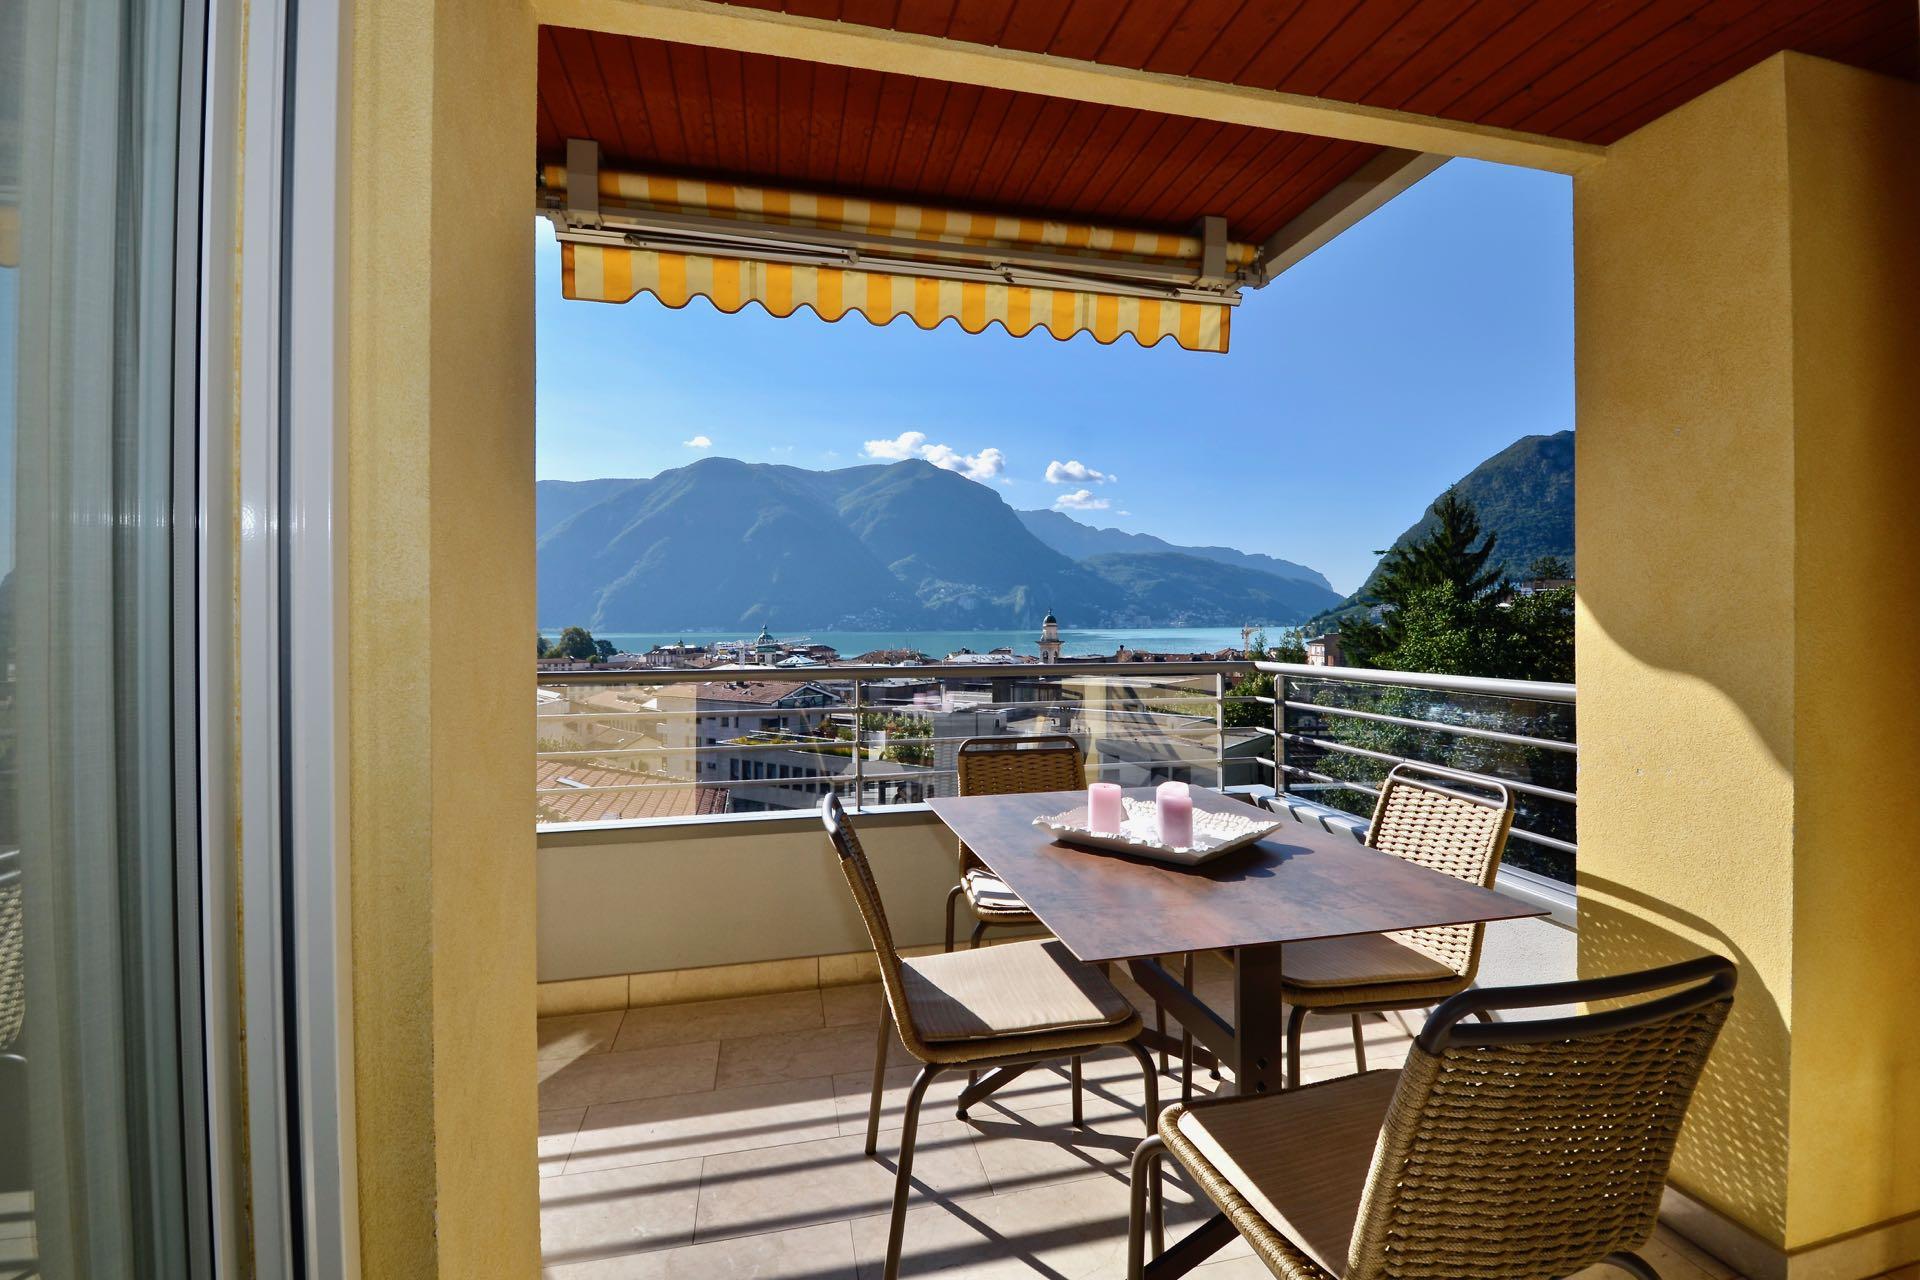 Vista della terrazza su lago. Appartamento moderno, centralissimo a città di Lugano da vendere con vista sul Lago di Lugano mozzafiato.